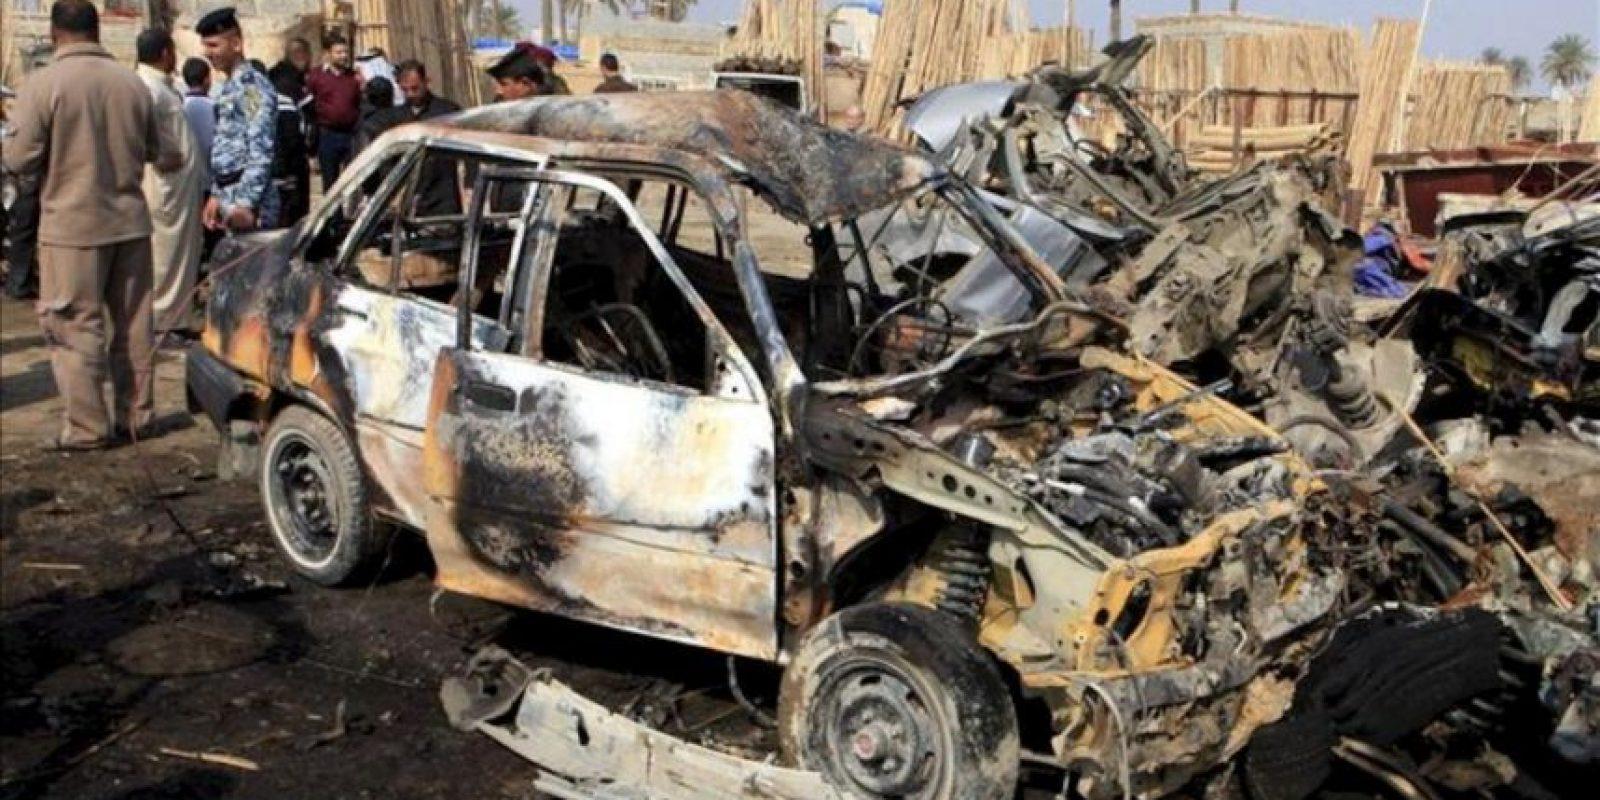 Varios iraquíes congregados junto a varios vehículos destruidos tras un atentado con coche bomba registrado en el barrio de Al Kazemiya, de mayoría chií y ubicada en el norte de Bagdad (Irak), el pasado 8 de febrero. EFE/Archivo